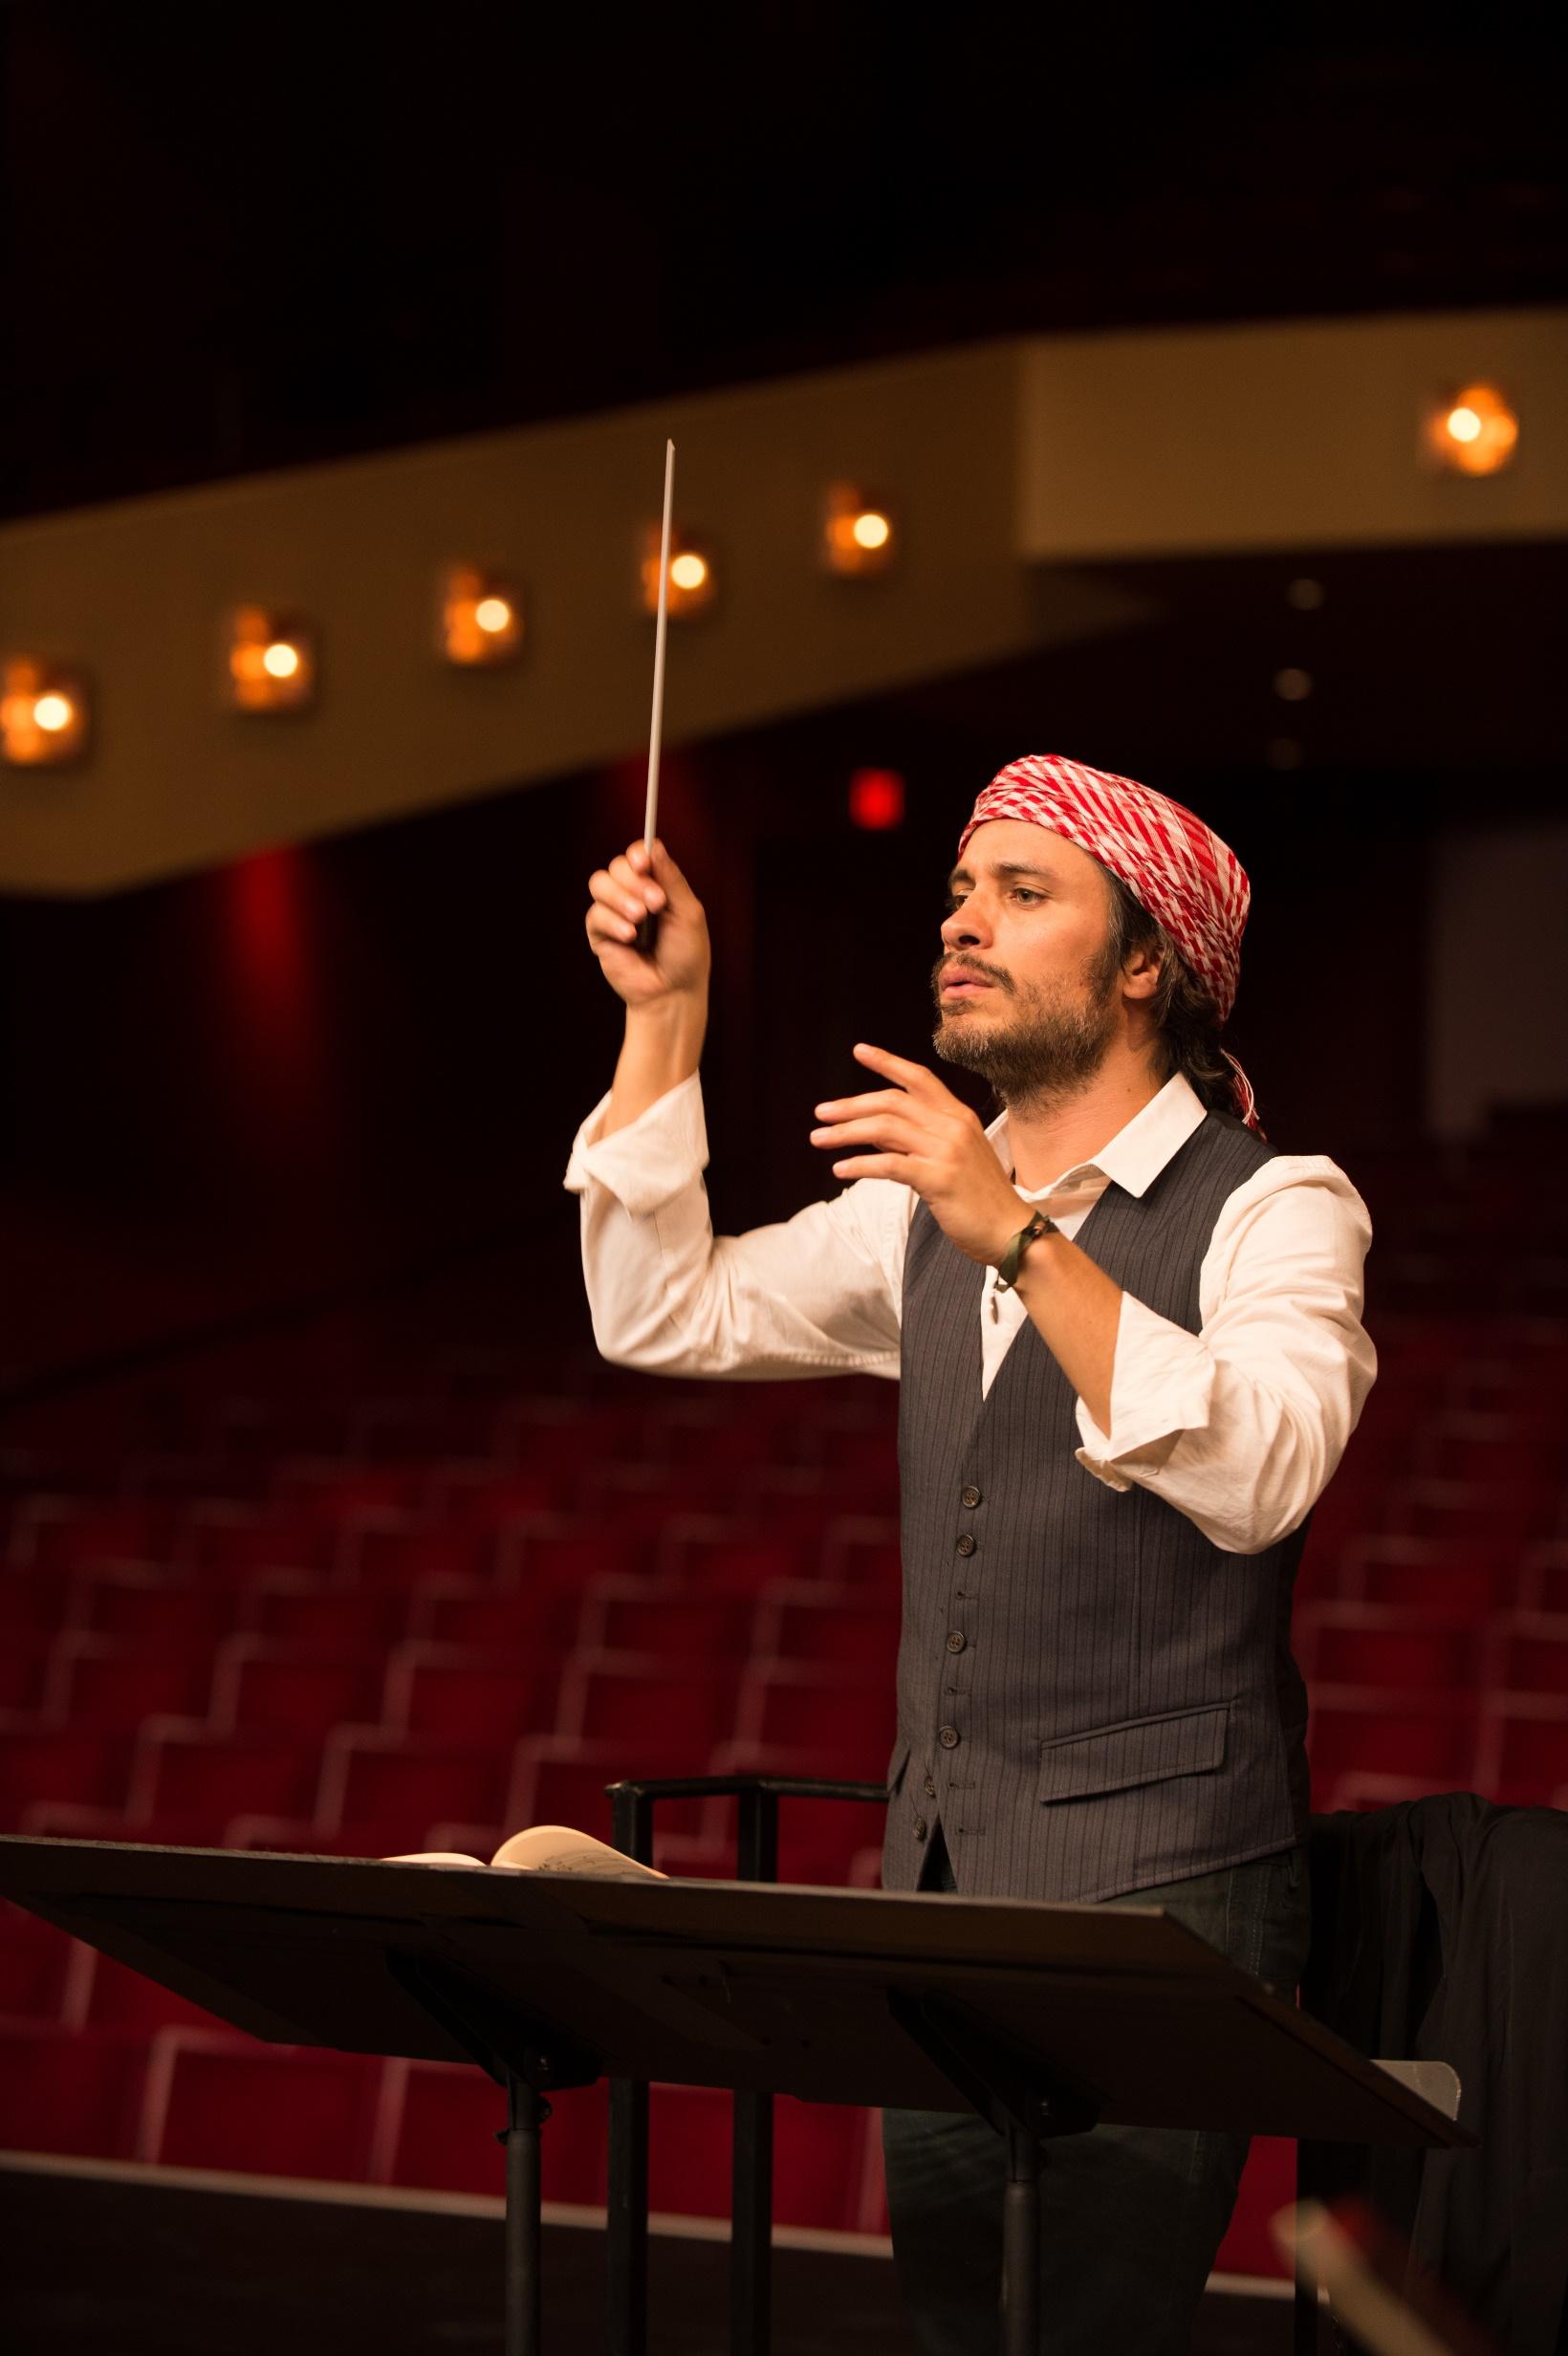 Mozart in the jungle sesso droga e musica classica for Musica classica